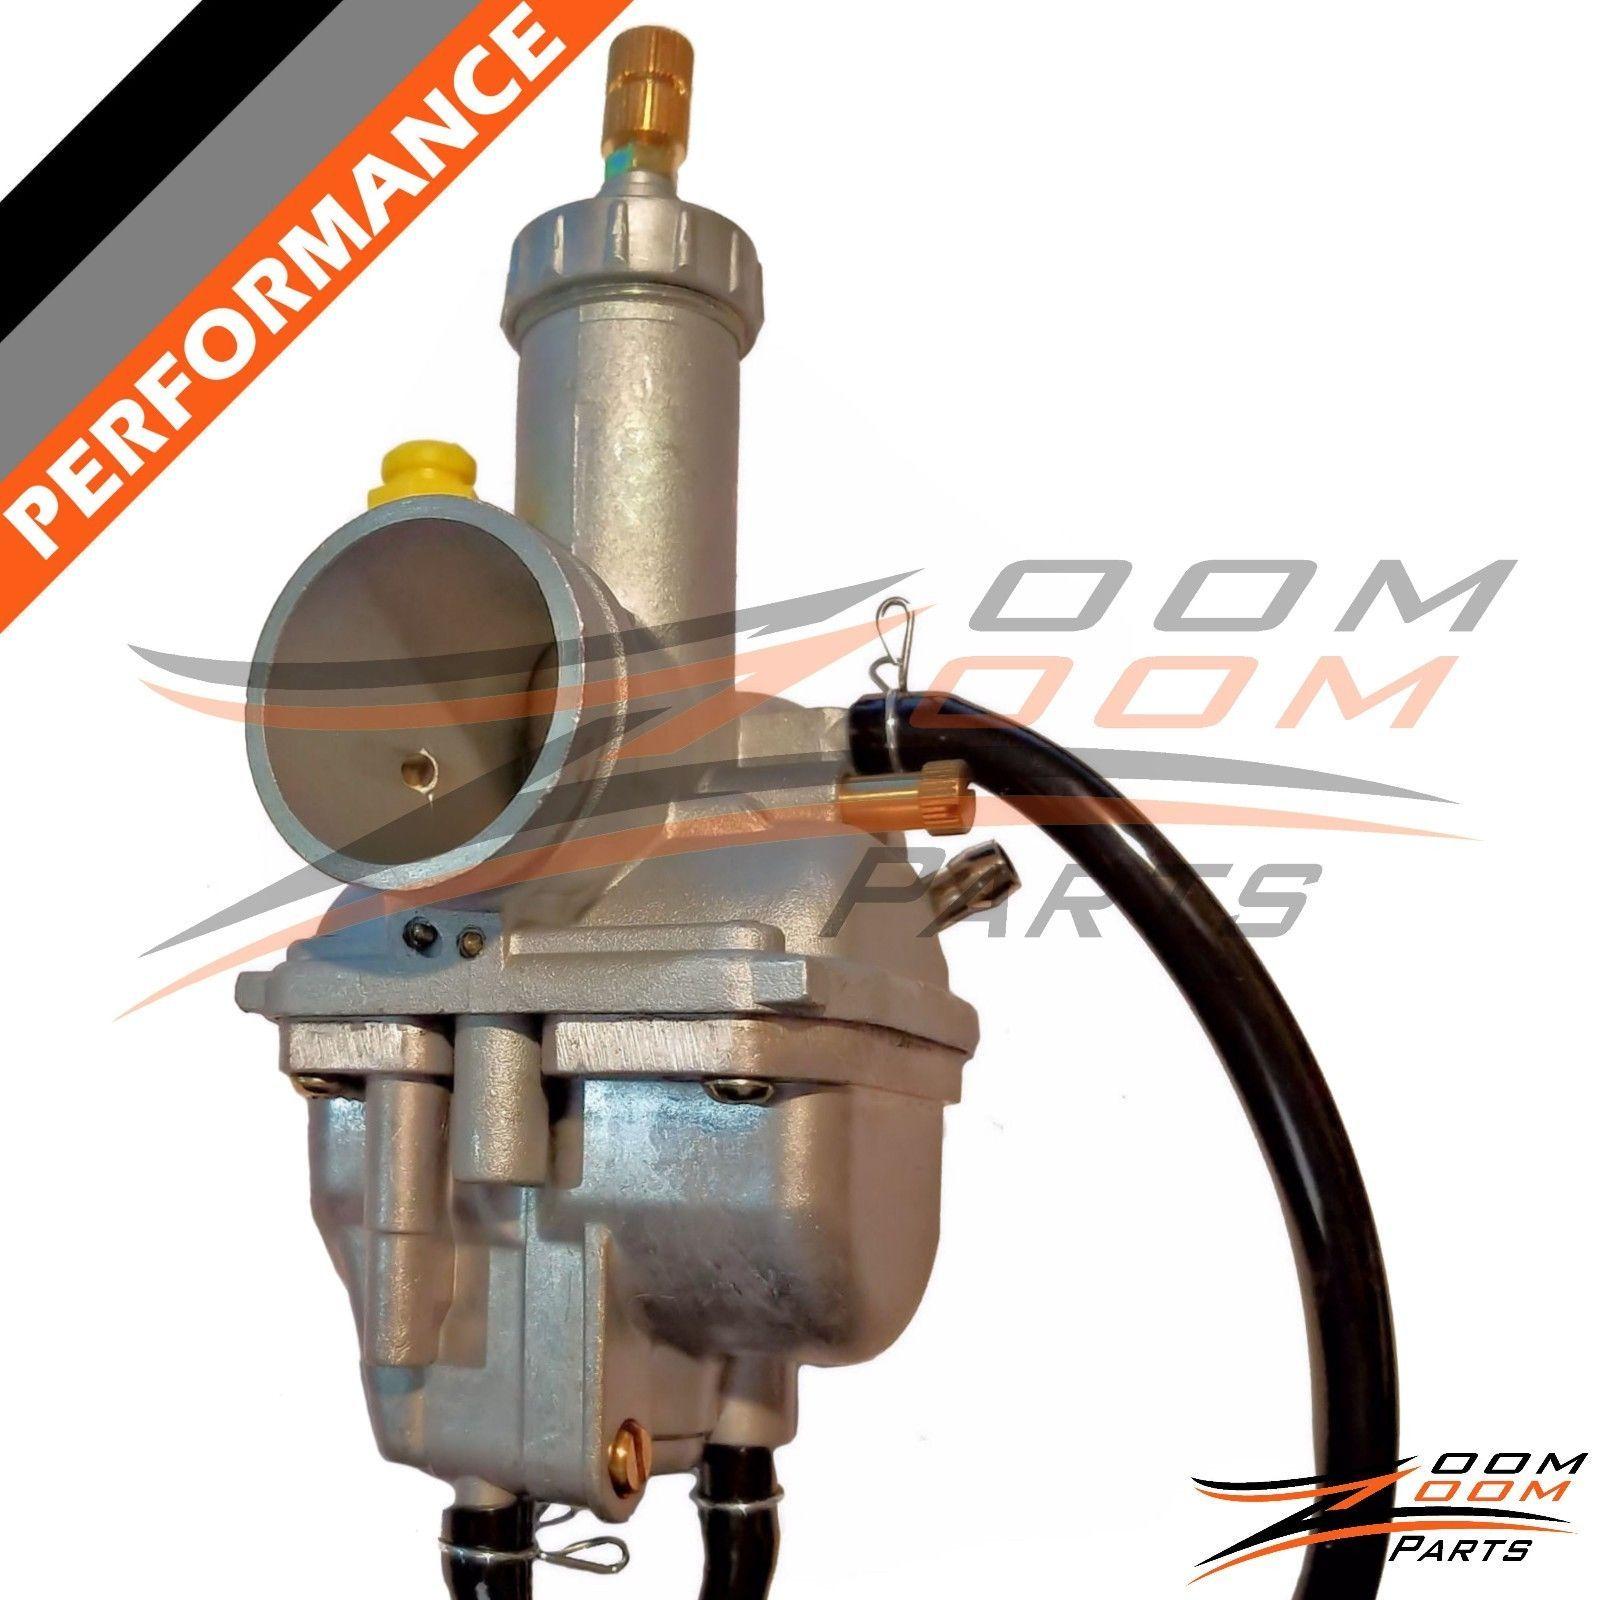 Carburetor for Kawasaki Bayou KLF250 KLF 250A 2003-2011 Carb Replacement Kit